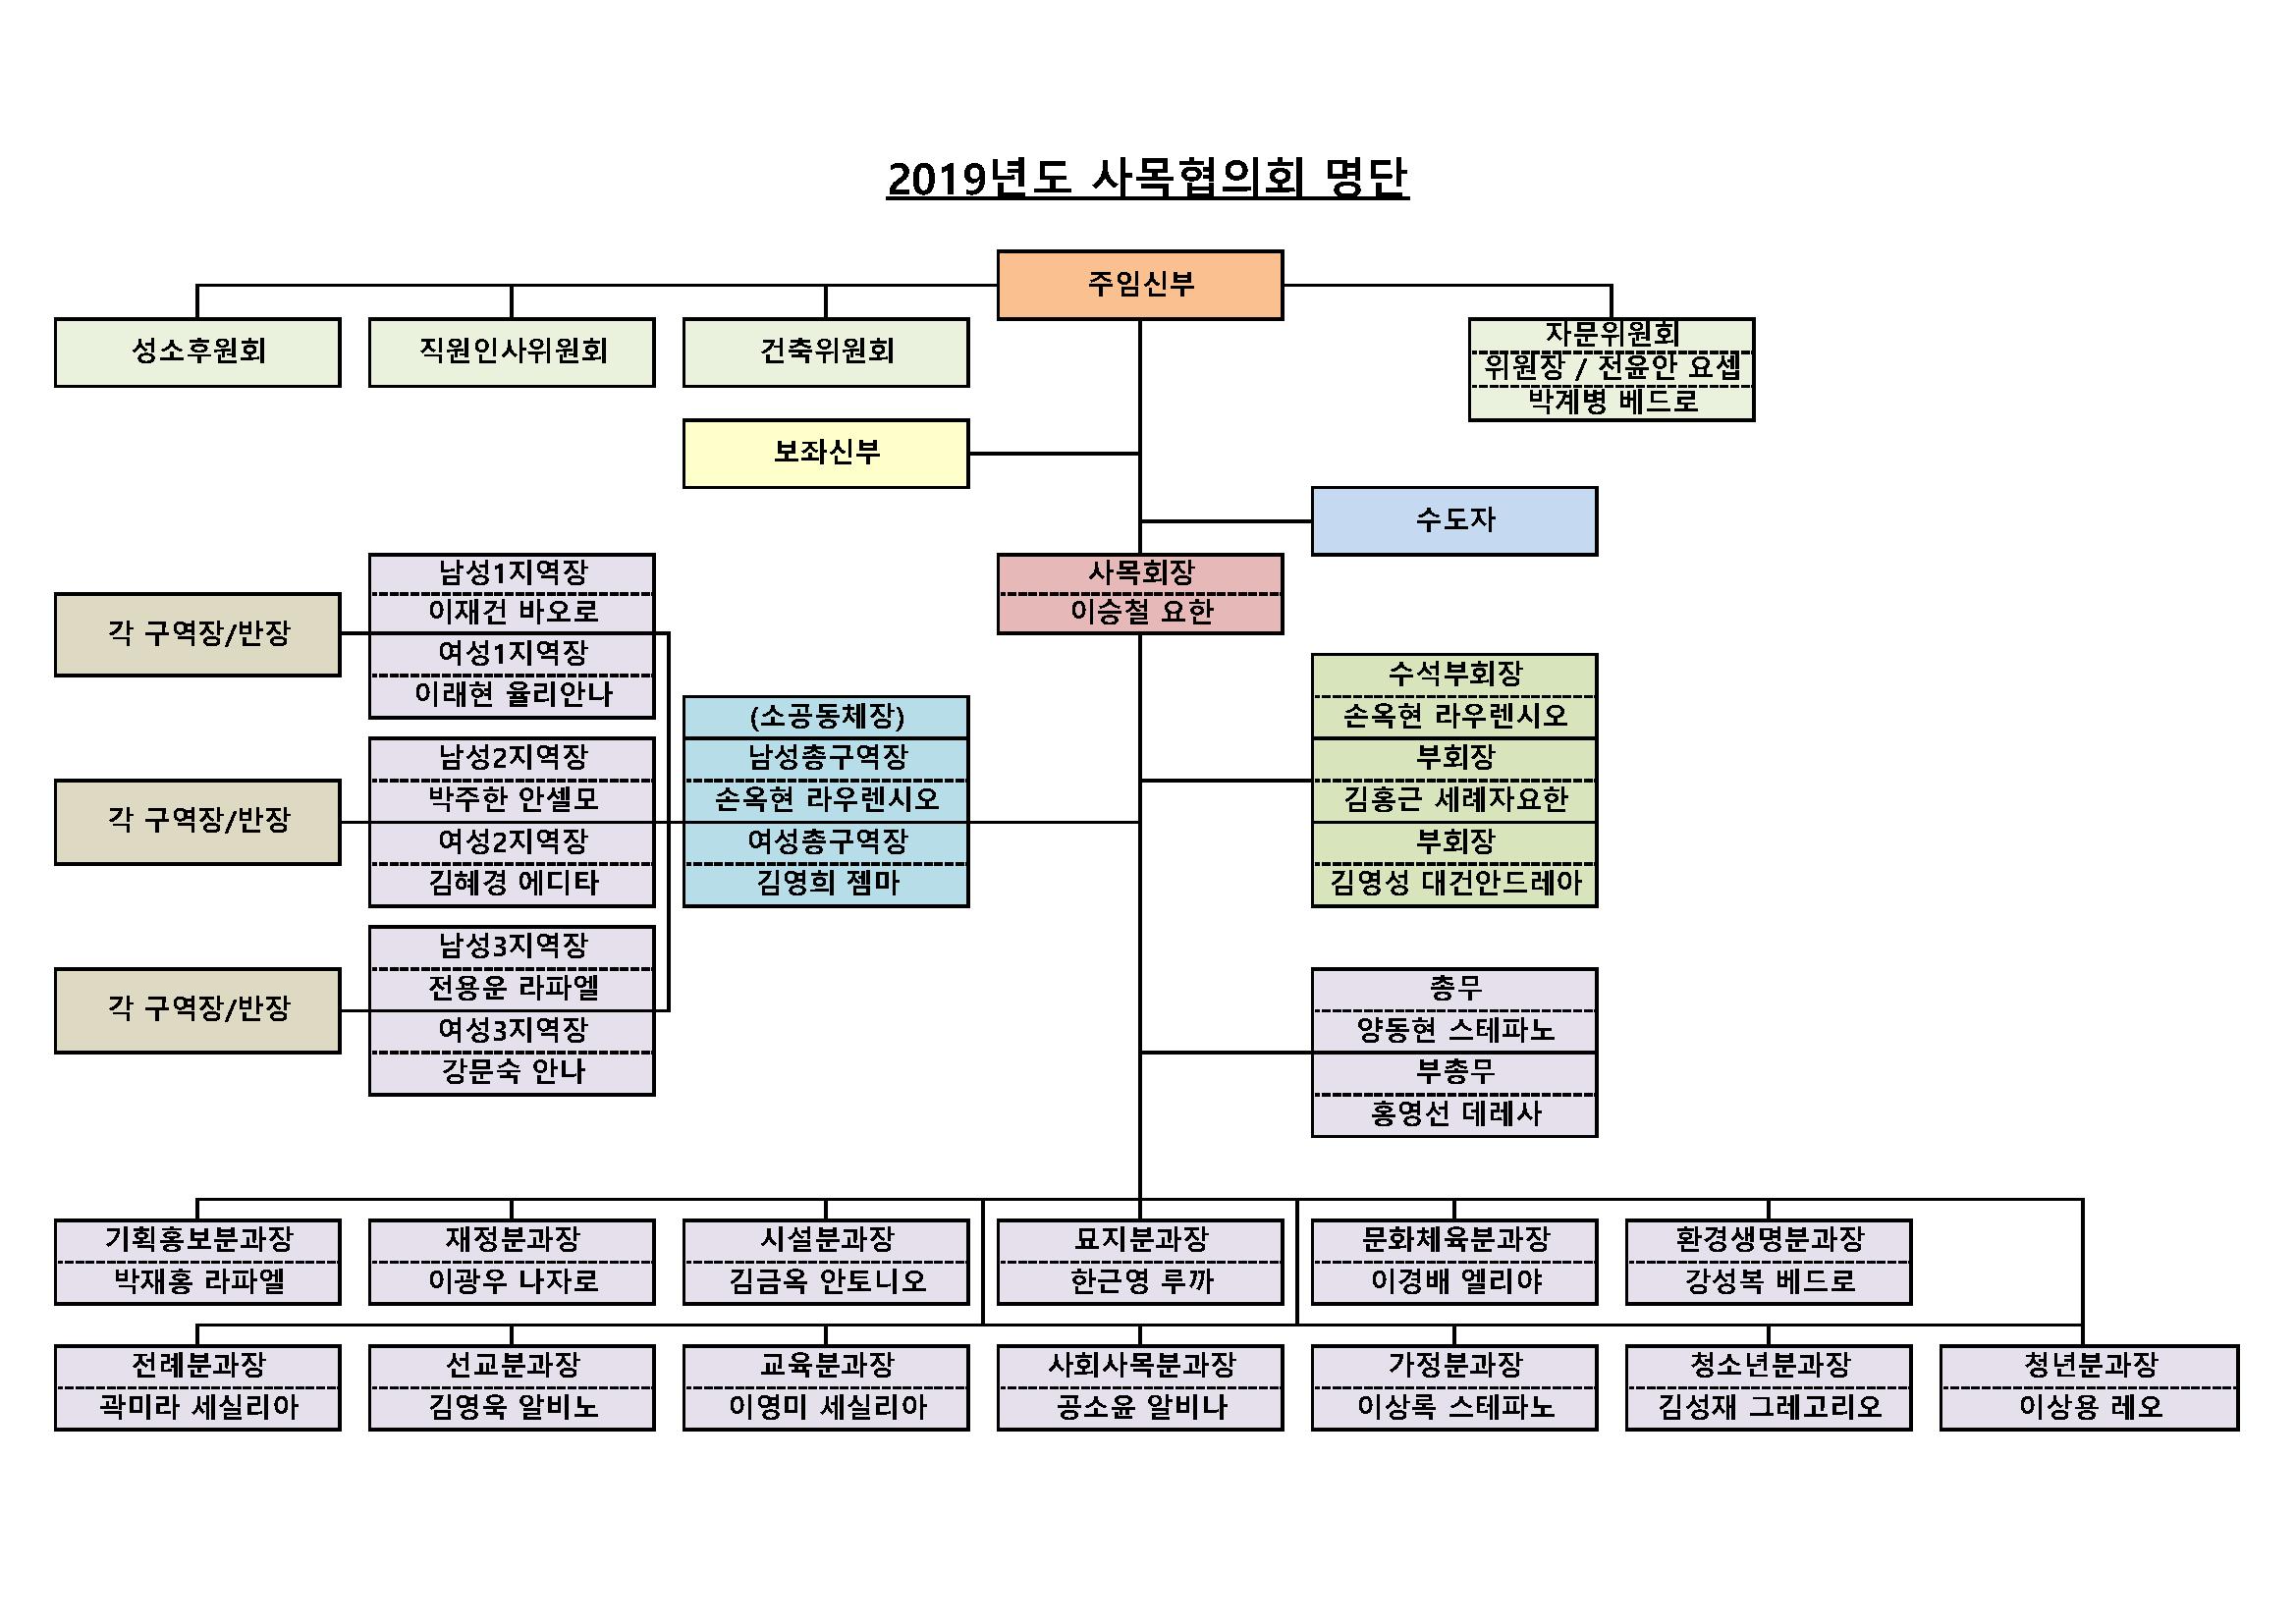 2019년도 사목협의회 조직도 (최종확정)3_Page_2.png